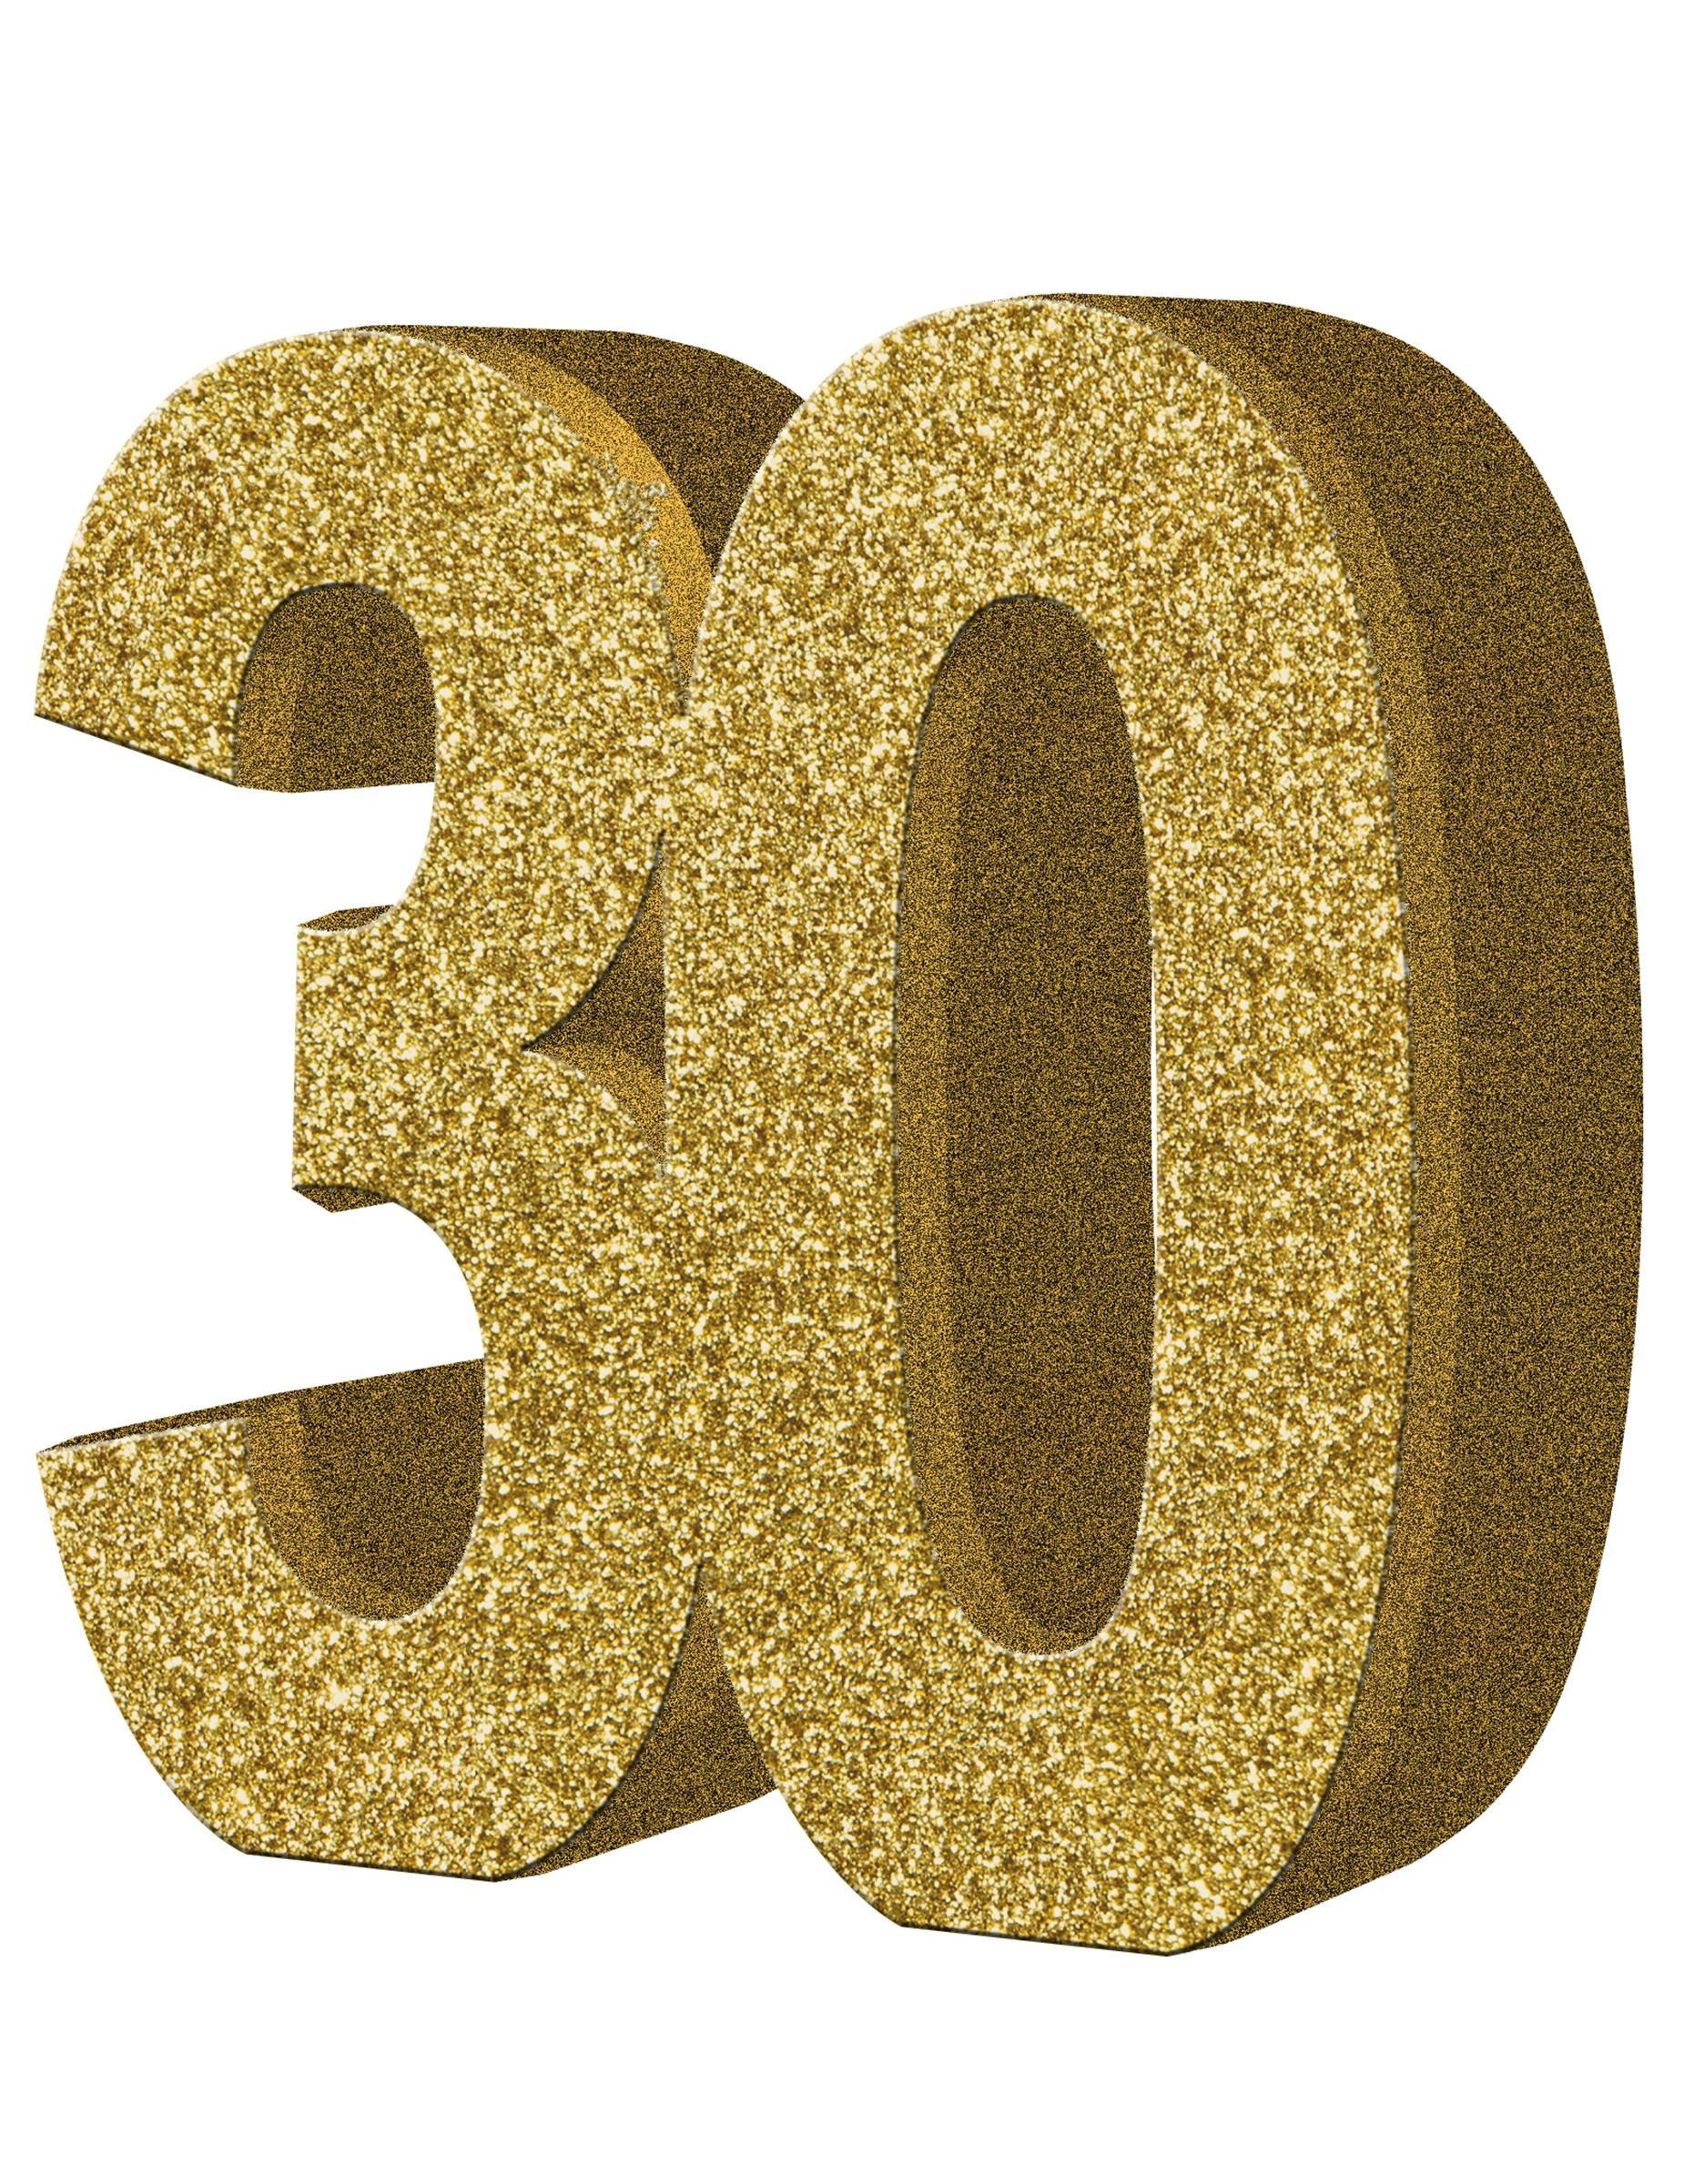 D coration de table 30 ans or 20 x 20 cm d coration for Decoration 30 ans